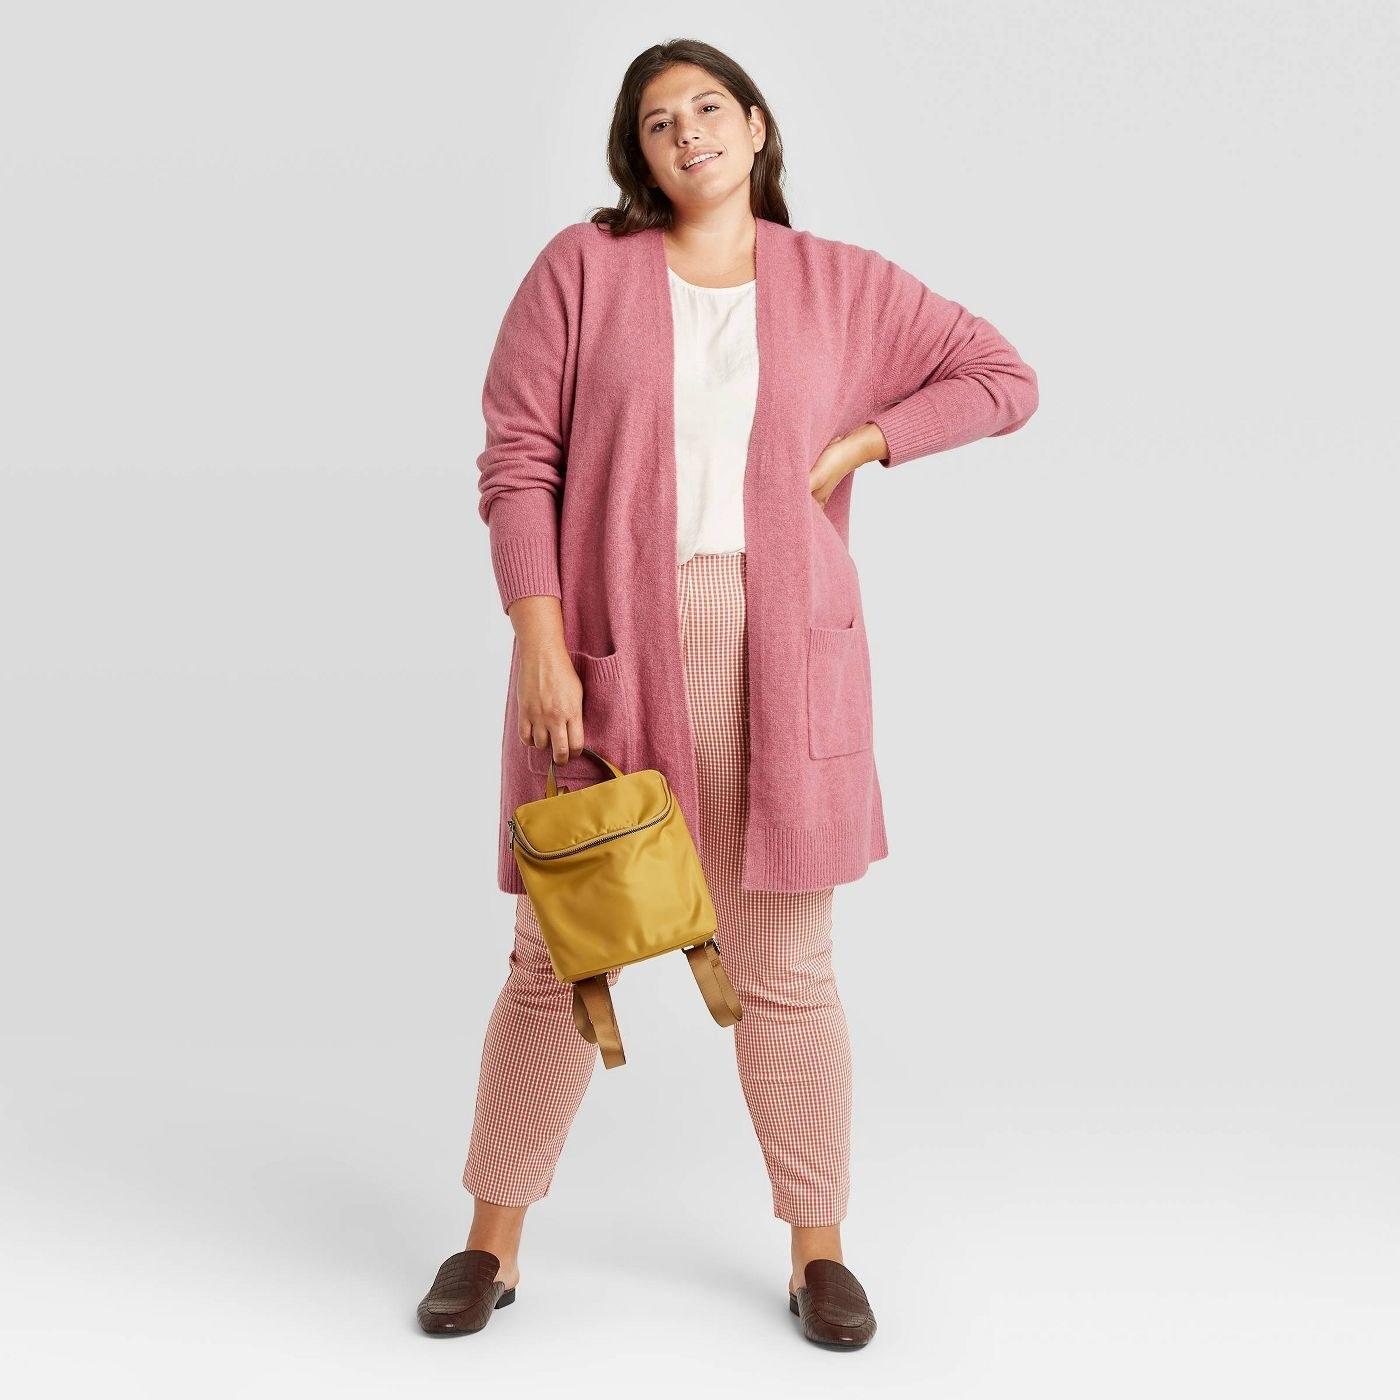 Model wearing light purple long cardigan